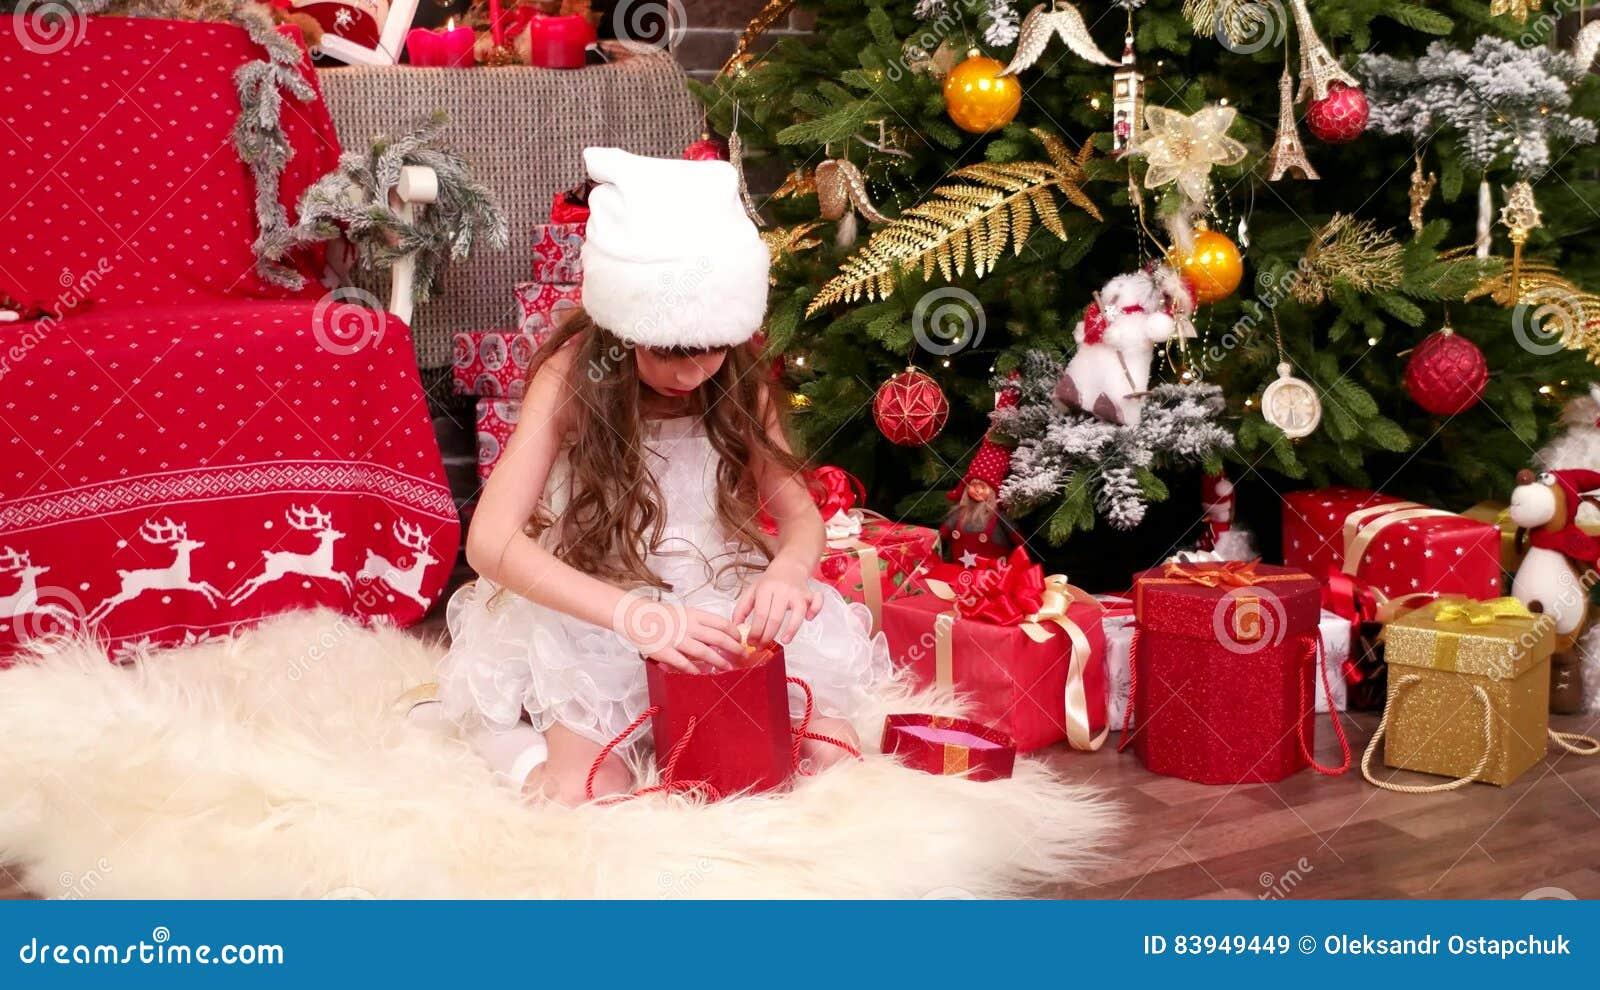 Weihnachtsüberraschung, A-Kinderspiele Im Haus Auf Weihnachtsabend ...